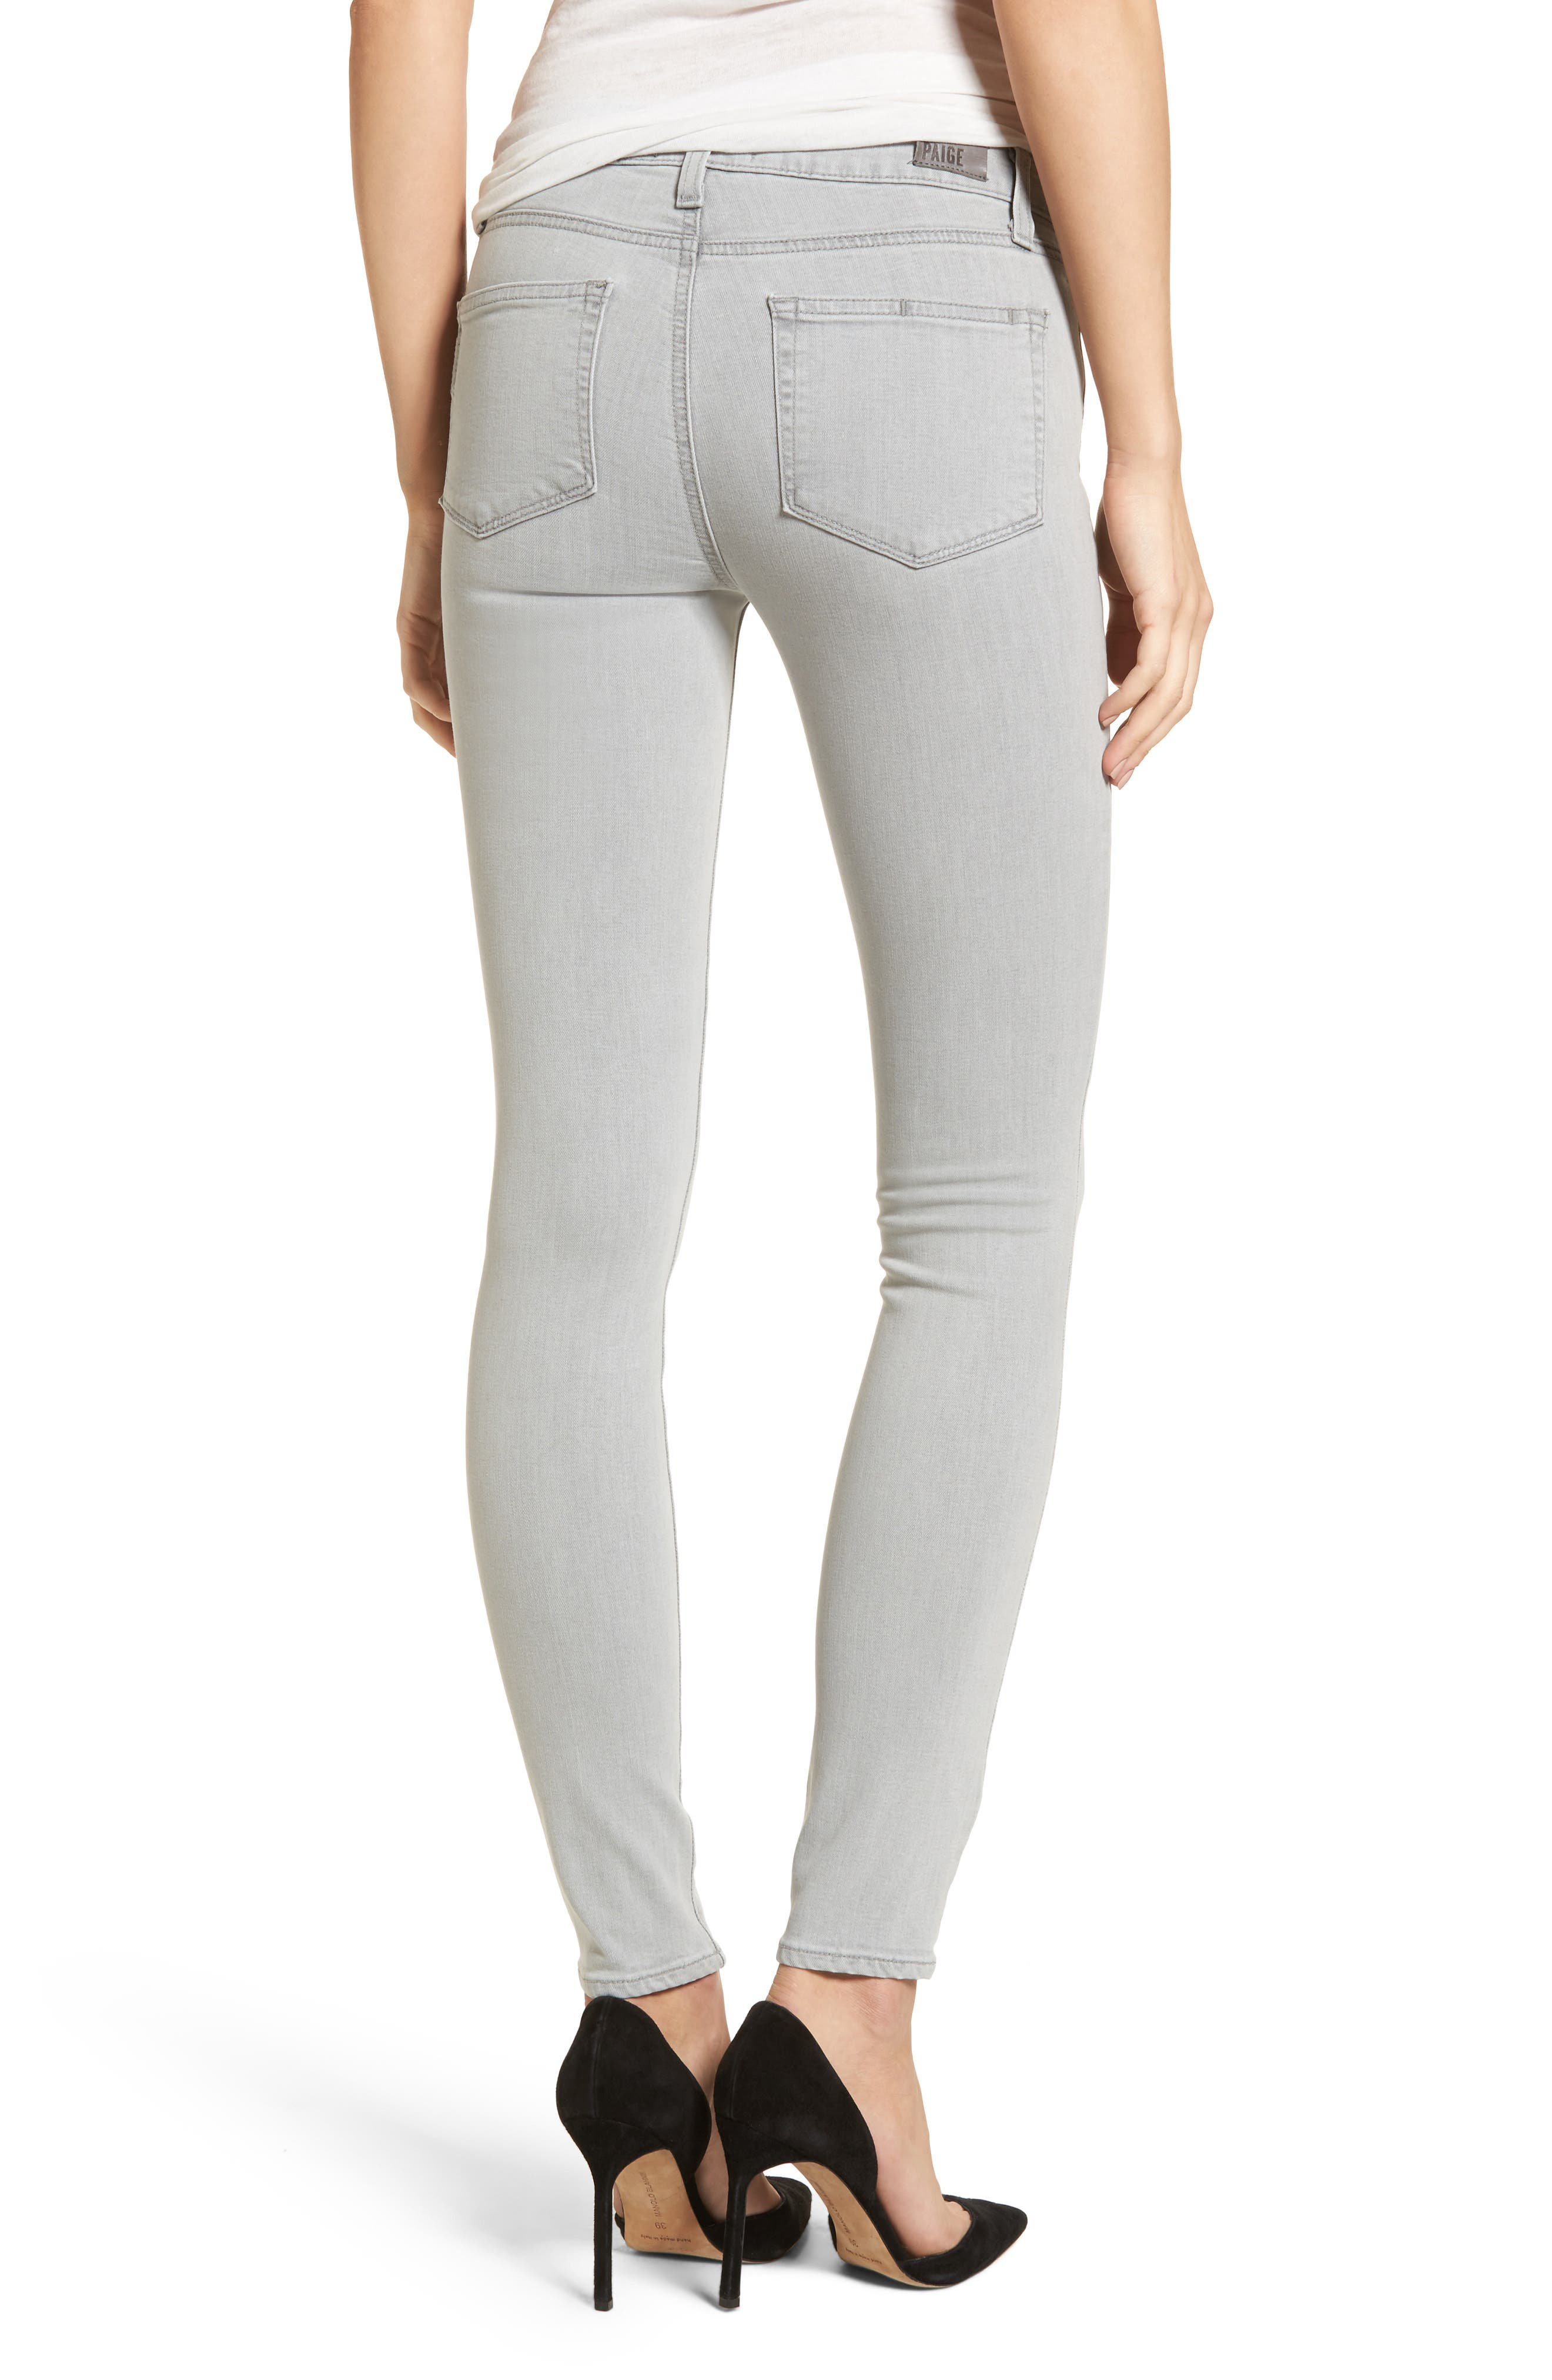 Transcend - Verdugo Ultra Skinny Jeans,                             Alternate thumbnail 2, color,                             Whisper Grey